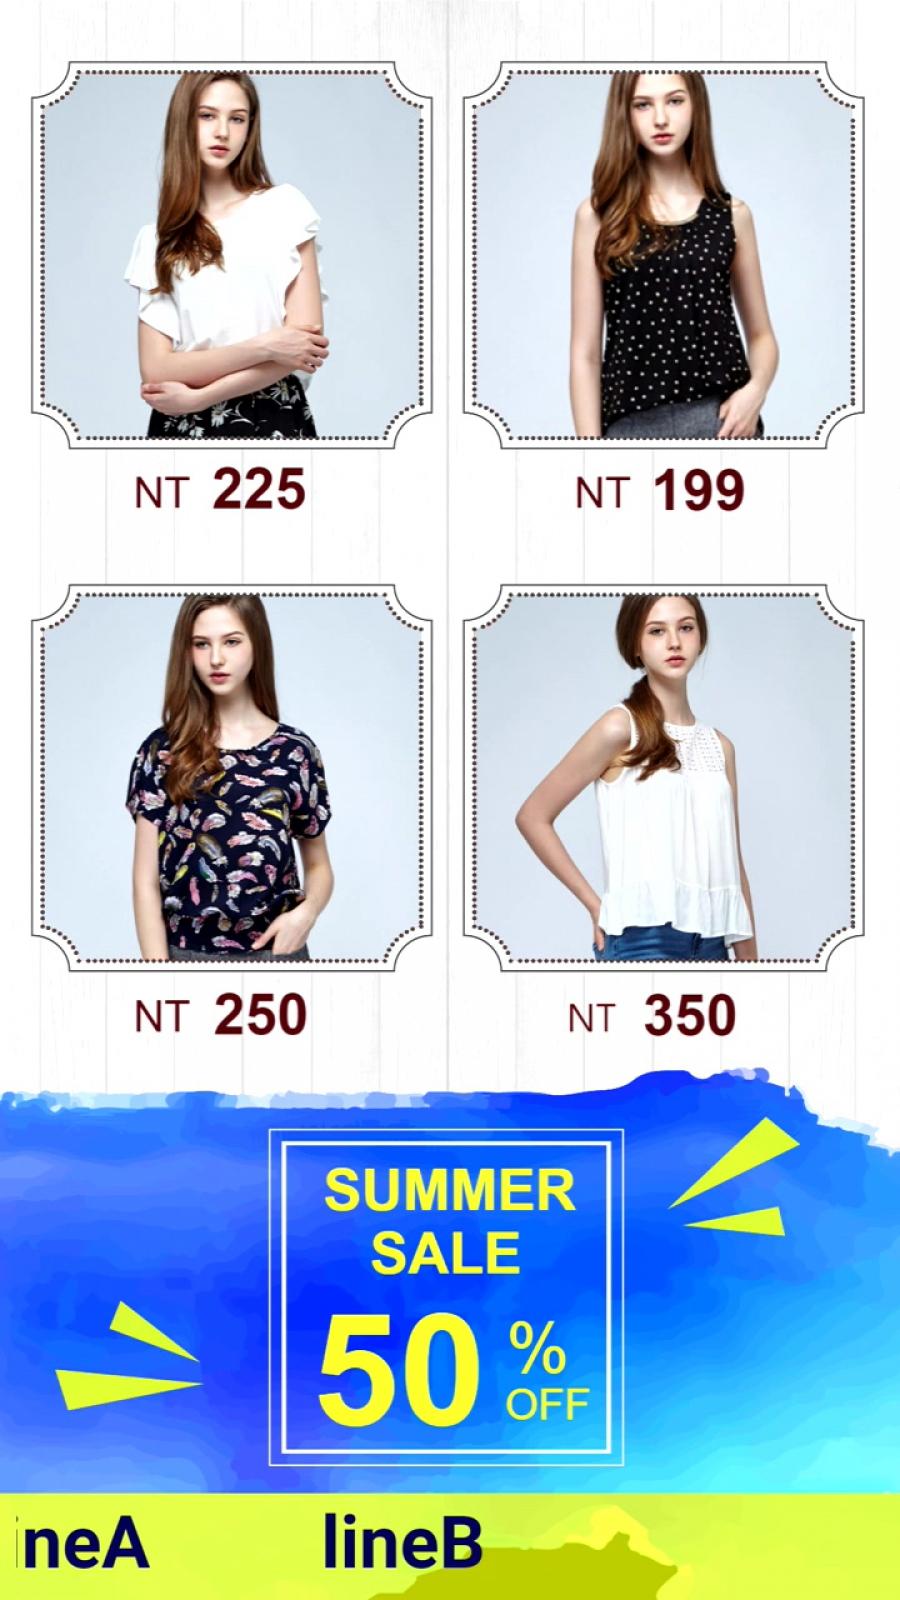 流行女裝 - 夏季促銷